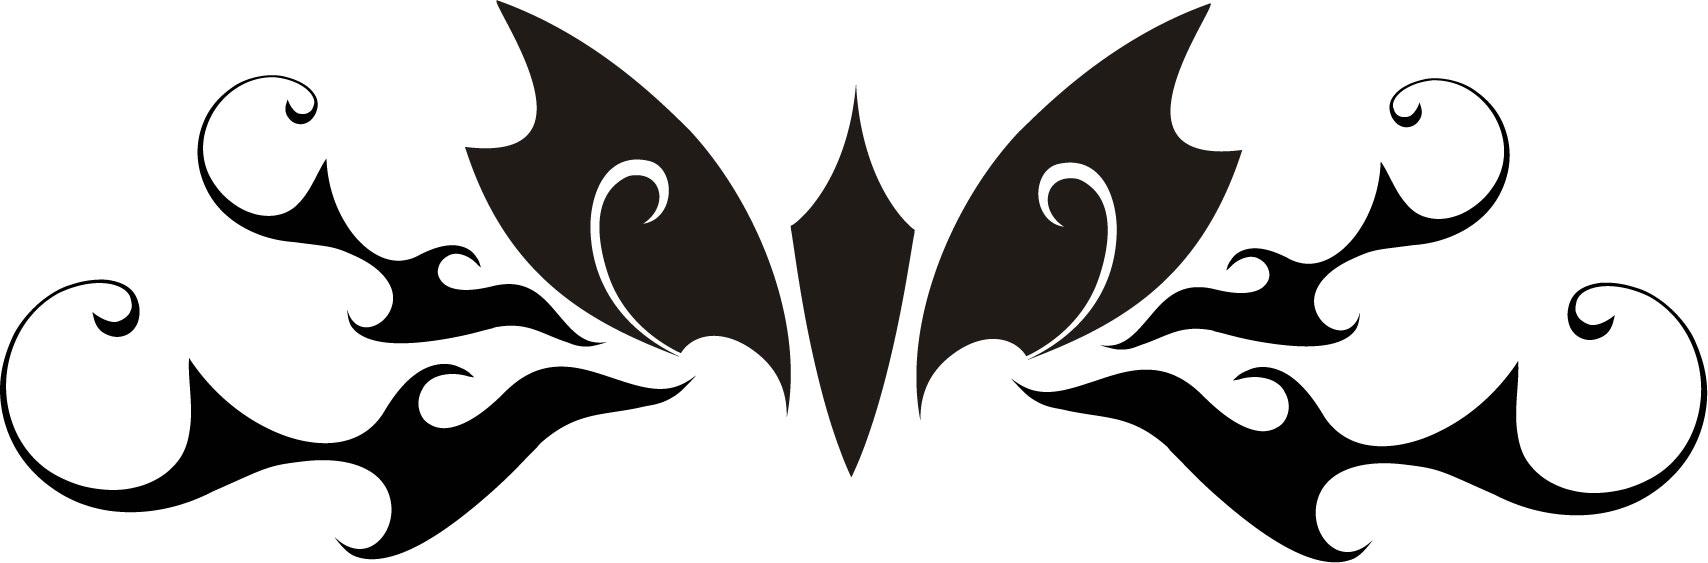 葉っぱ草木のイラストフリー素材フレーム枠no245白黒草羽